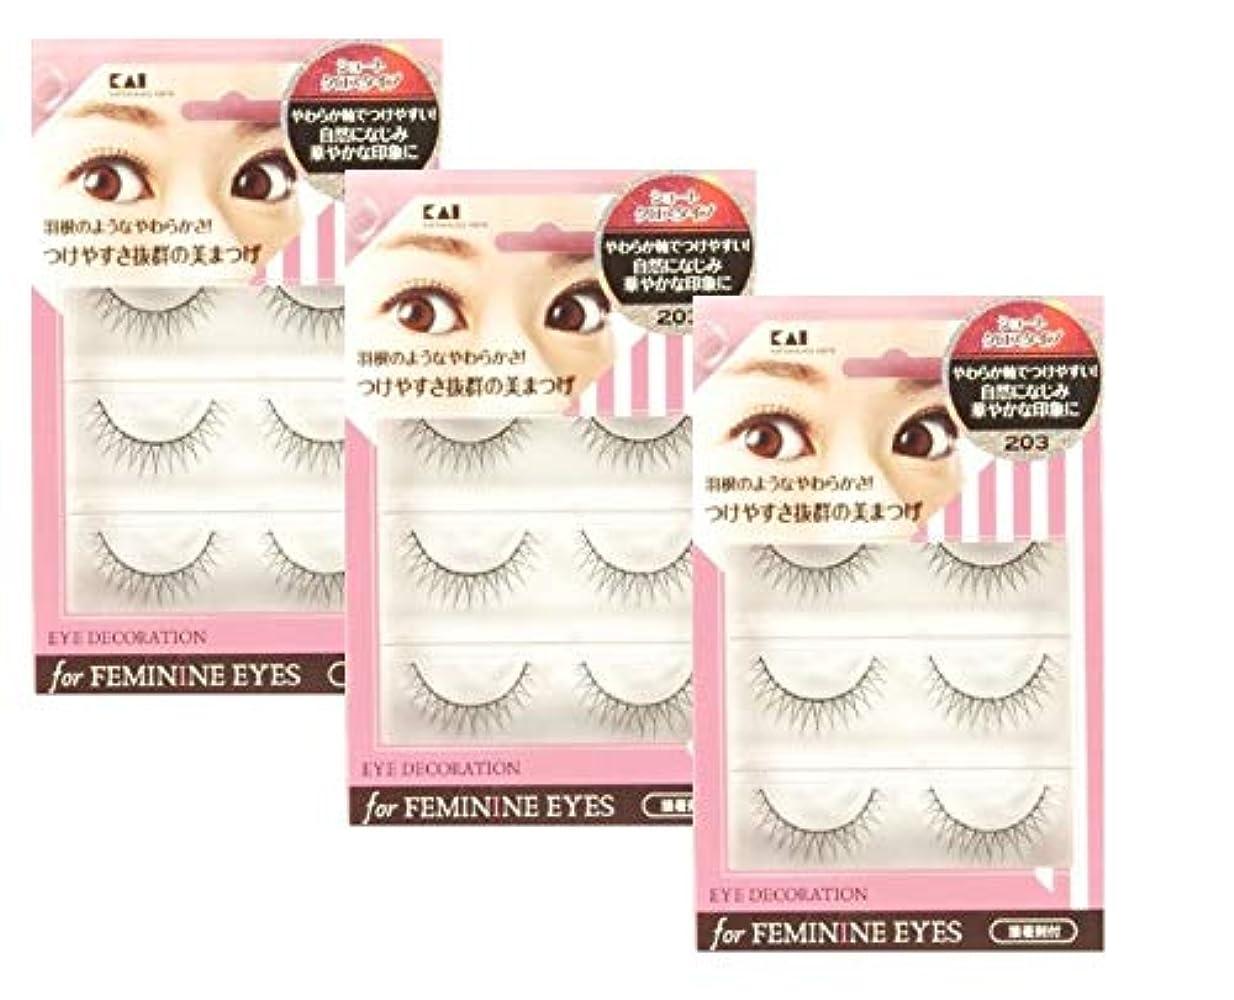 成功するフォークスラッシュ【まとめ買い3個セット】アイデコレーション for feminine eyes 203 ショートクロスタイプ